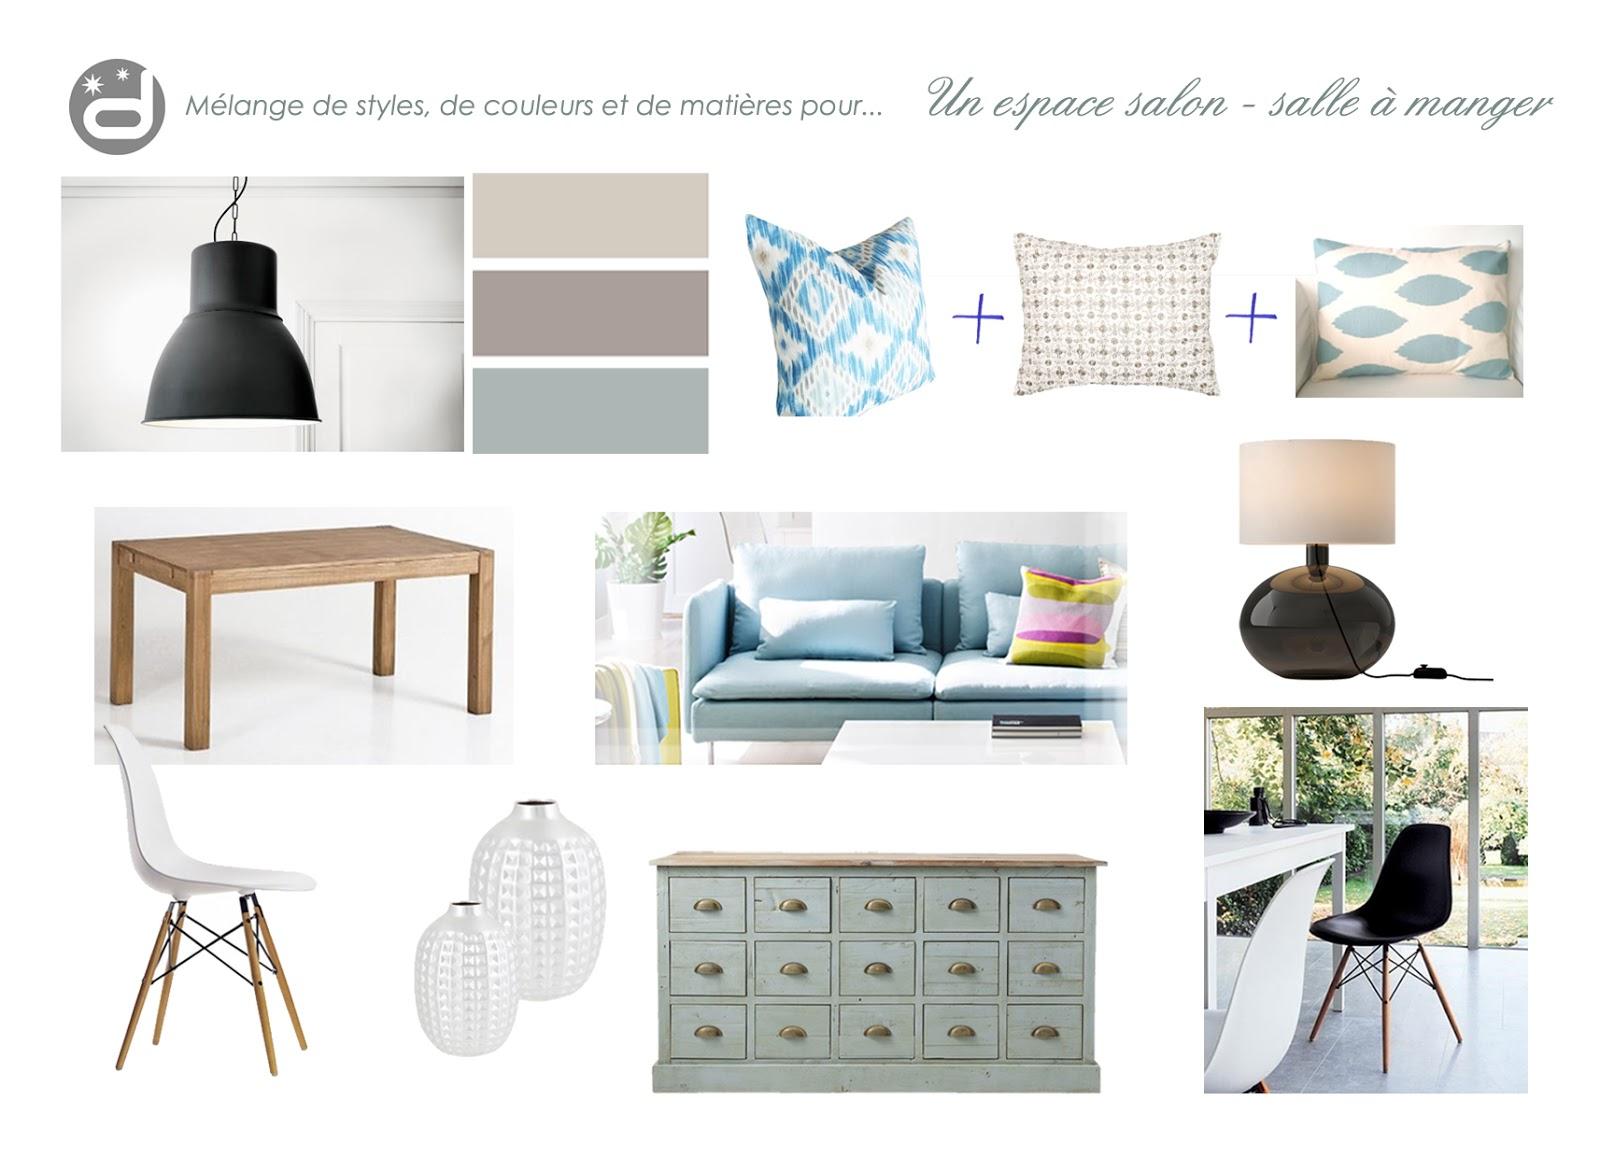 divin 39 id le blog d co mars 2013. Black Bedroom Furniture Sets. Home Design Ideas